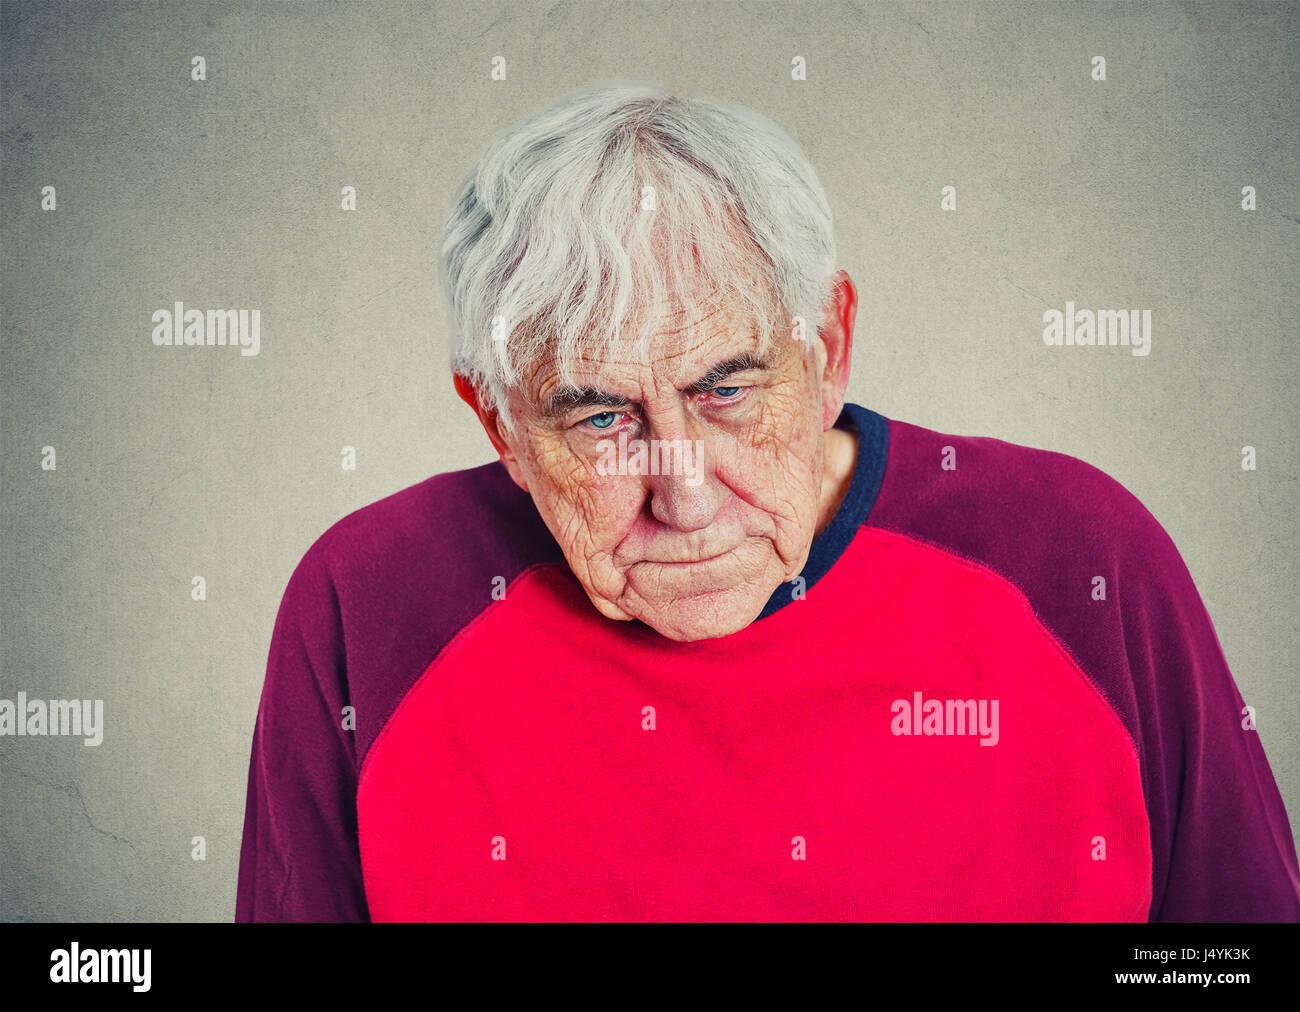 Porträt eines älteren Mannes depressiv Stockbild